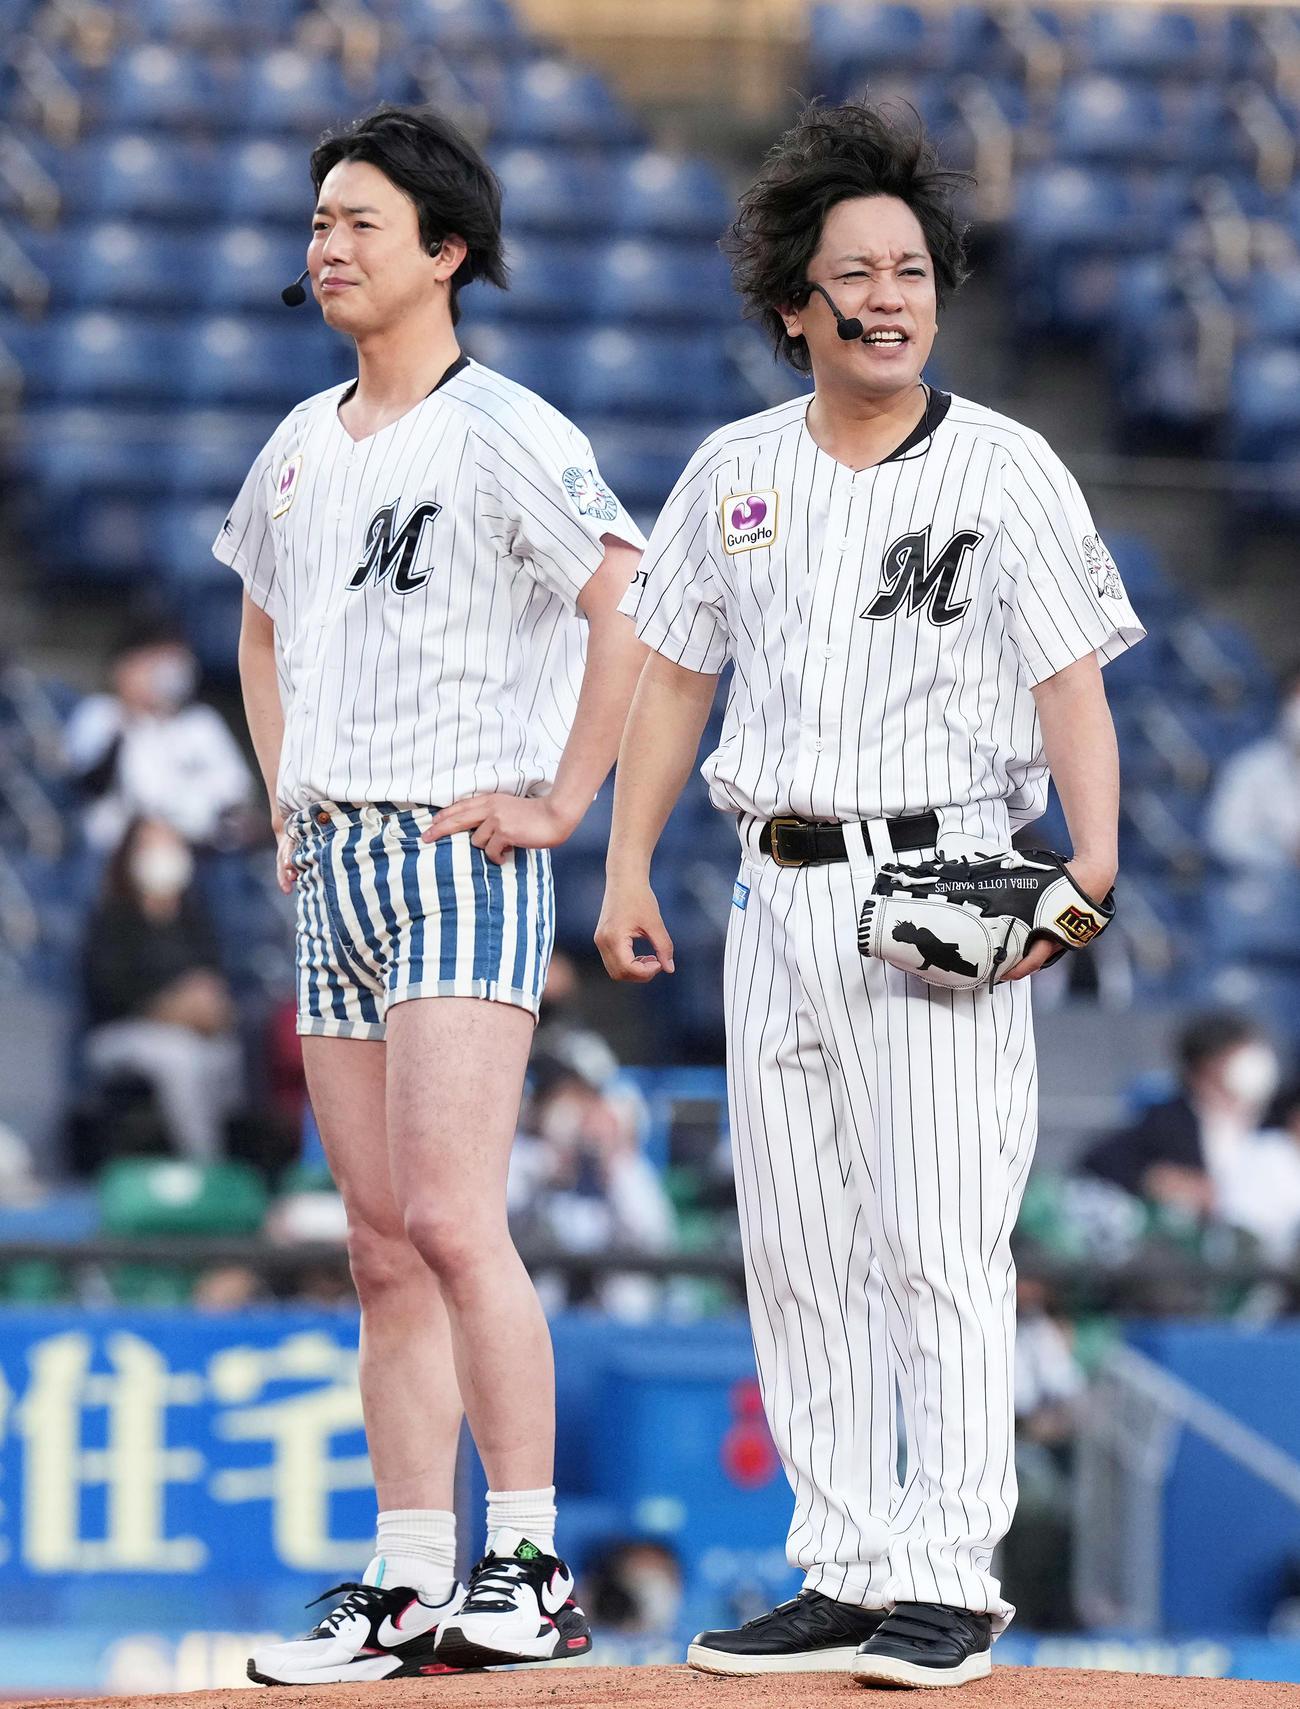 ファーストピッチセレモニーに登場したぺこぱの松陰寺太勇(右)とホットパンツ姿のシュウペイ(撮影・鈴木みどり)